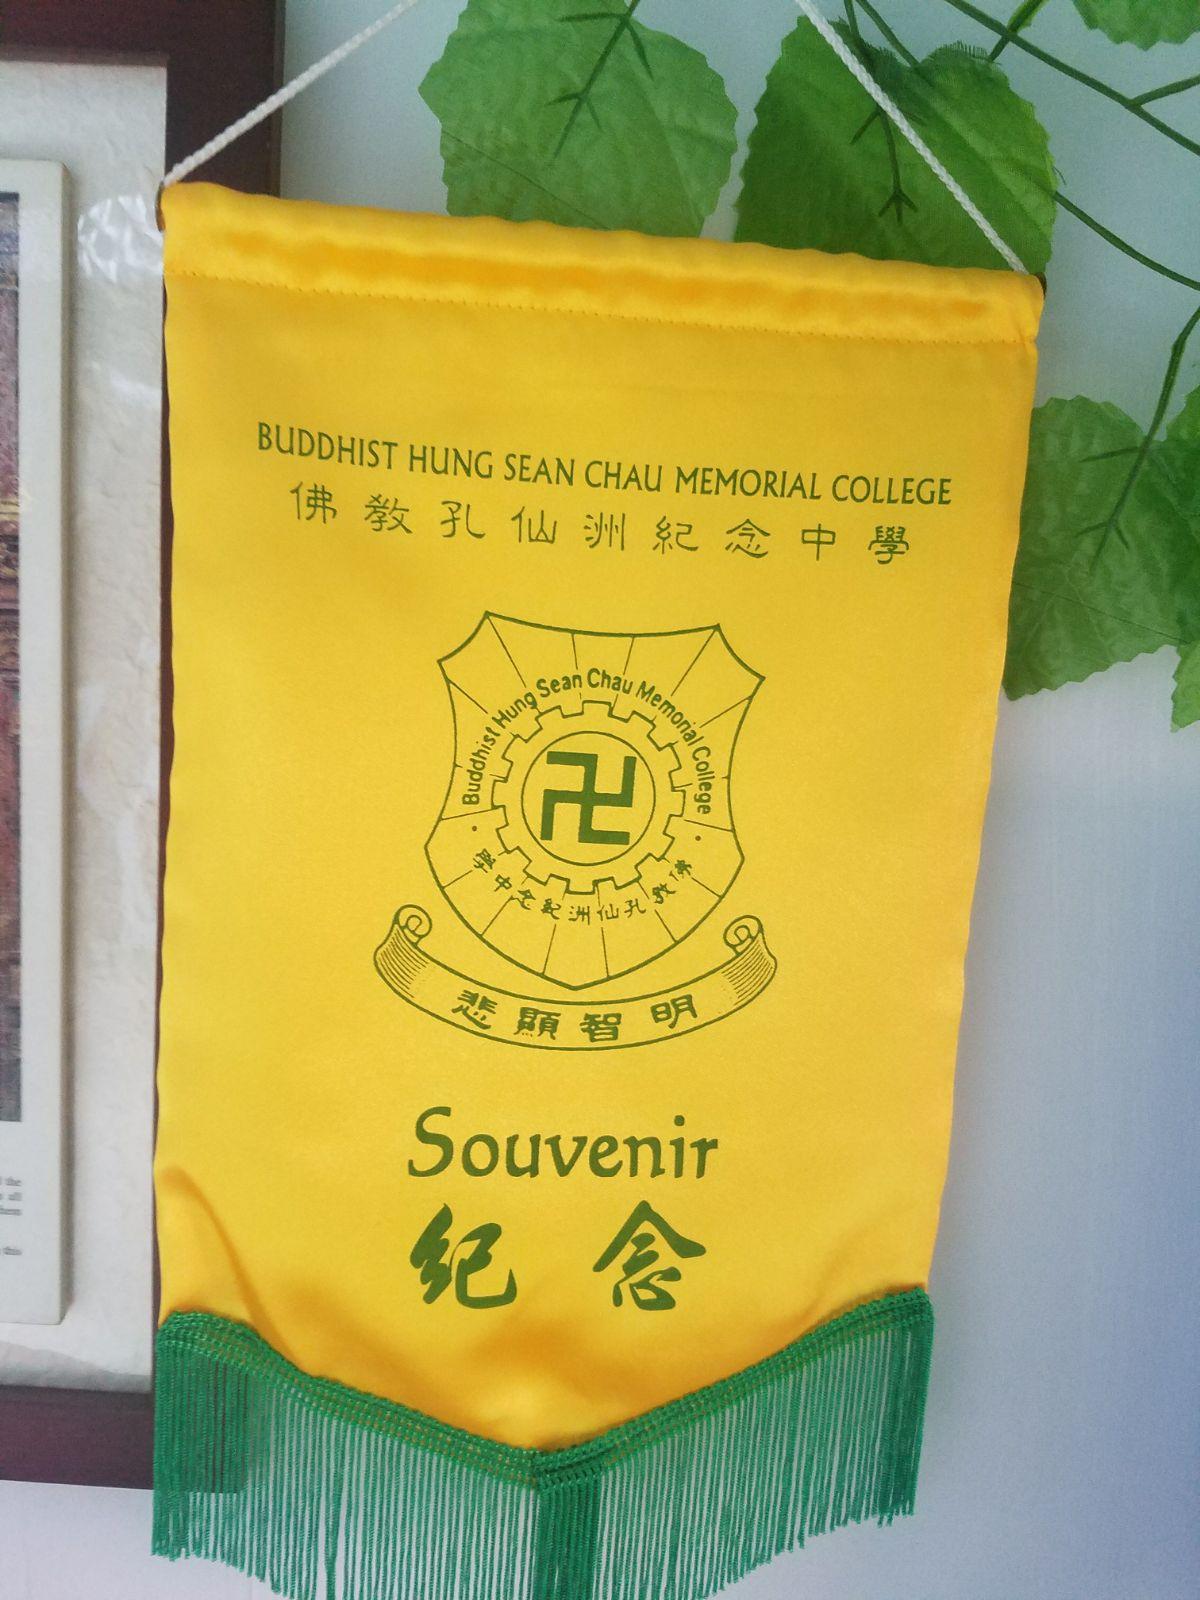 佛教孔仙洲紀念中學